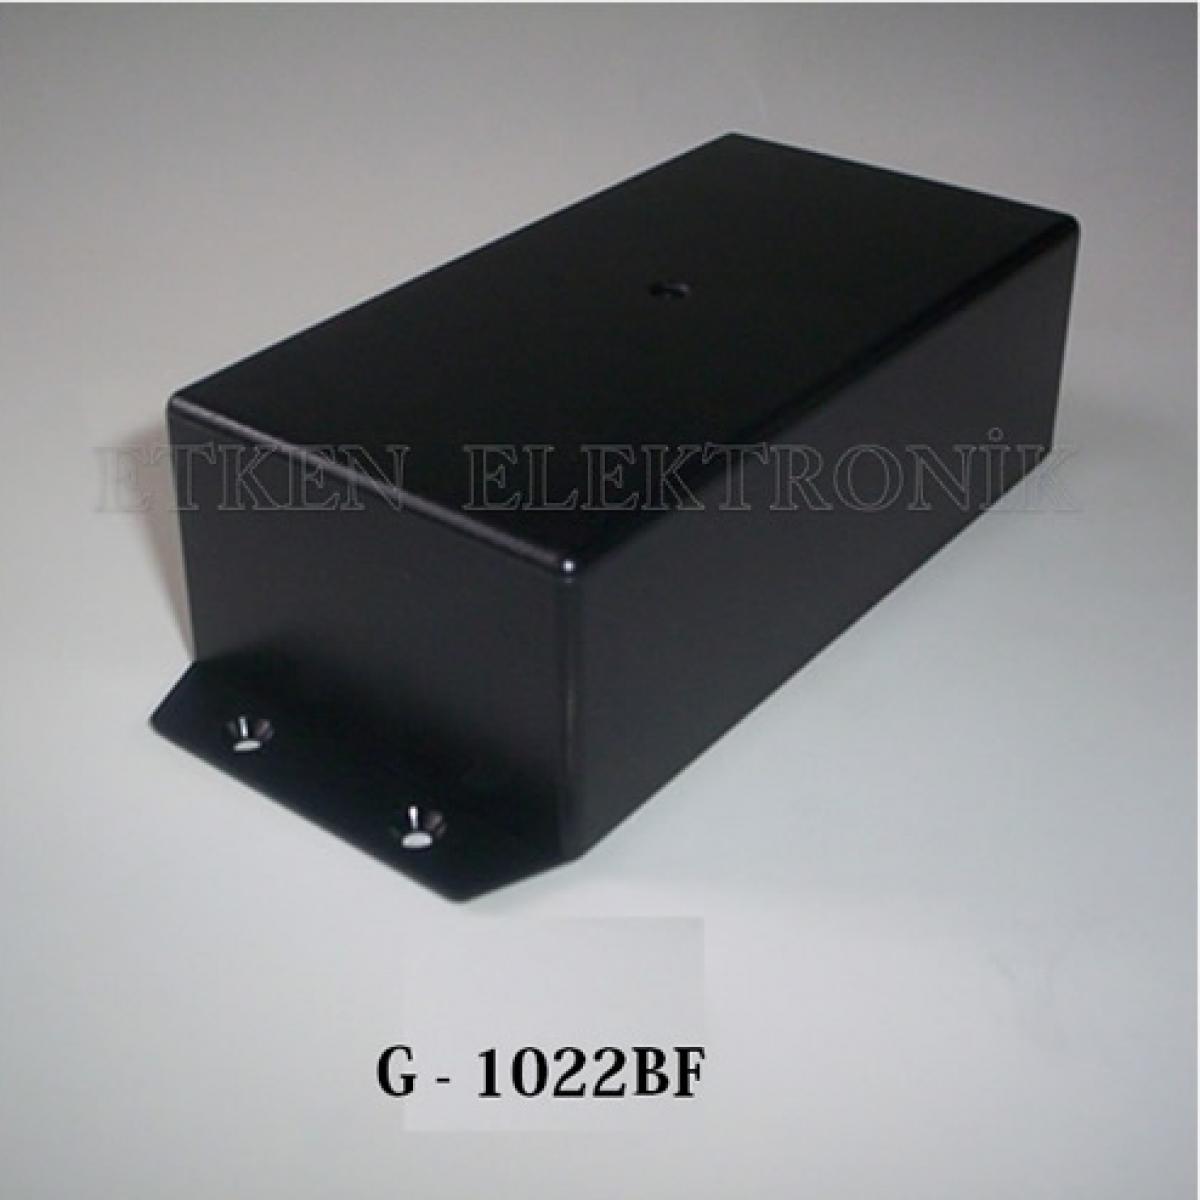 G-1022BF